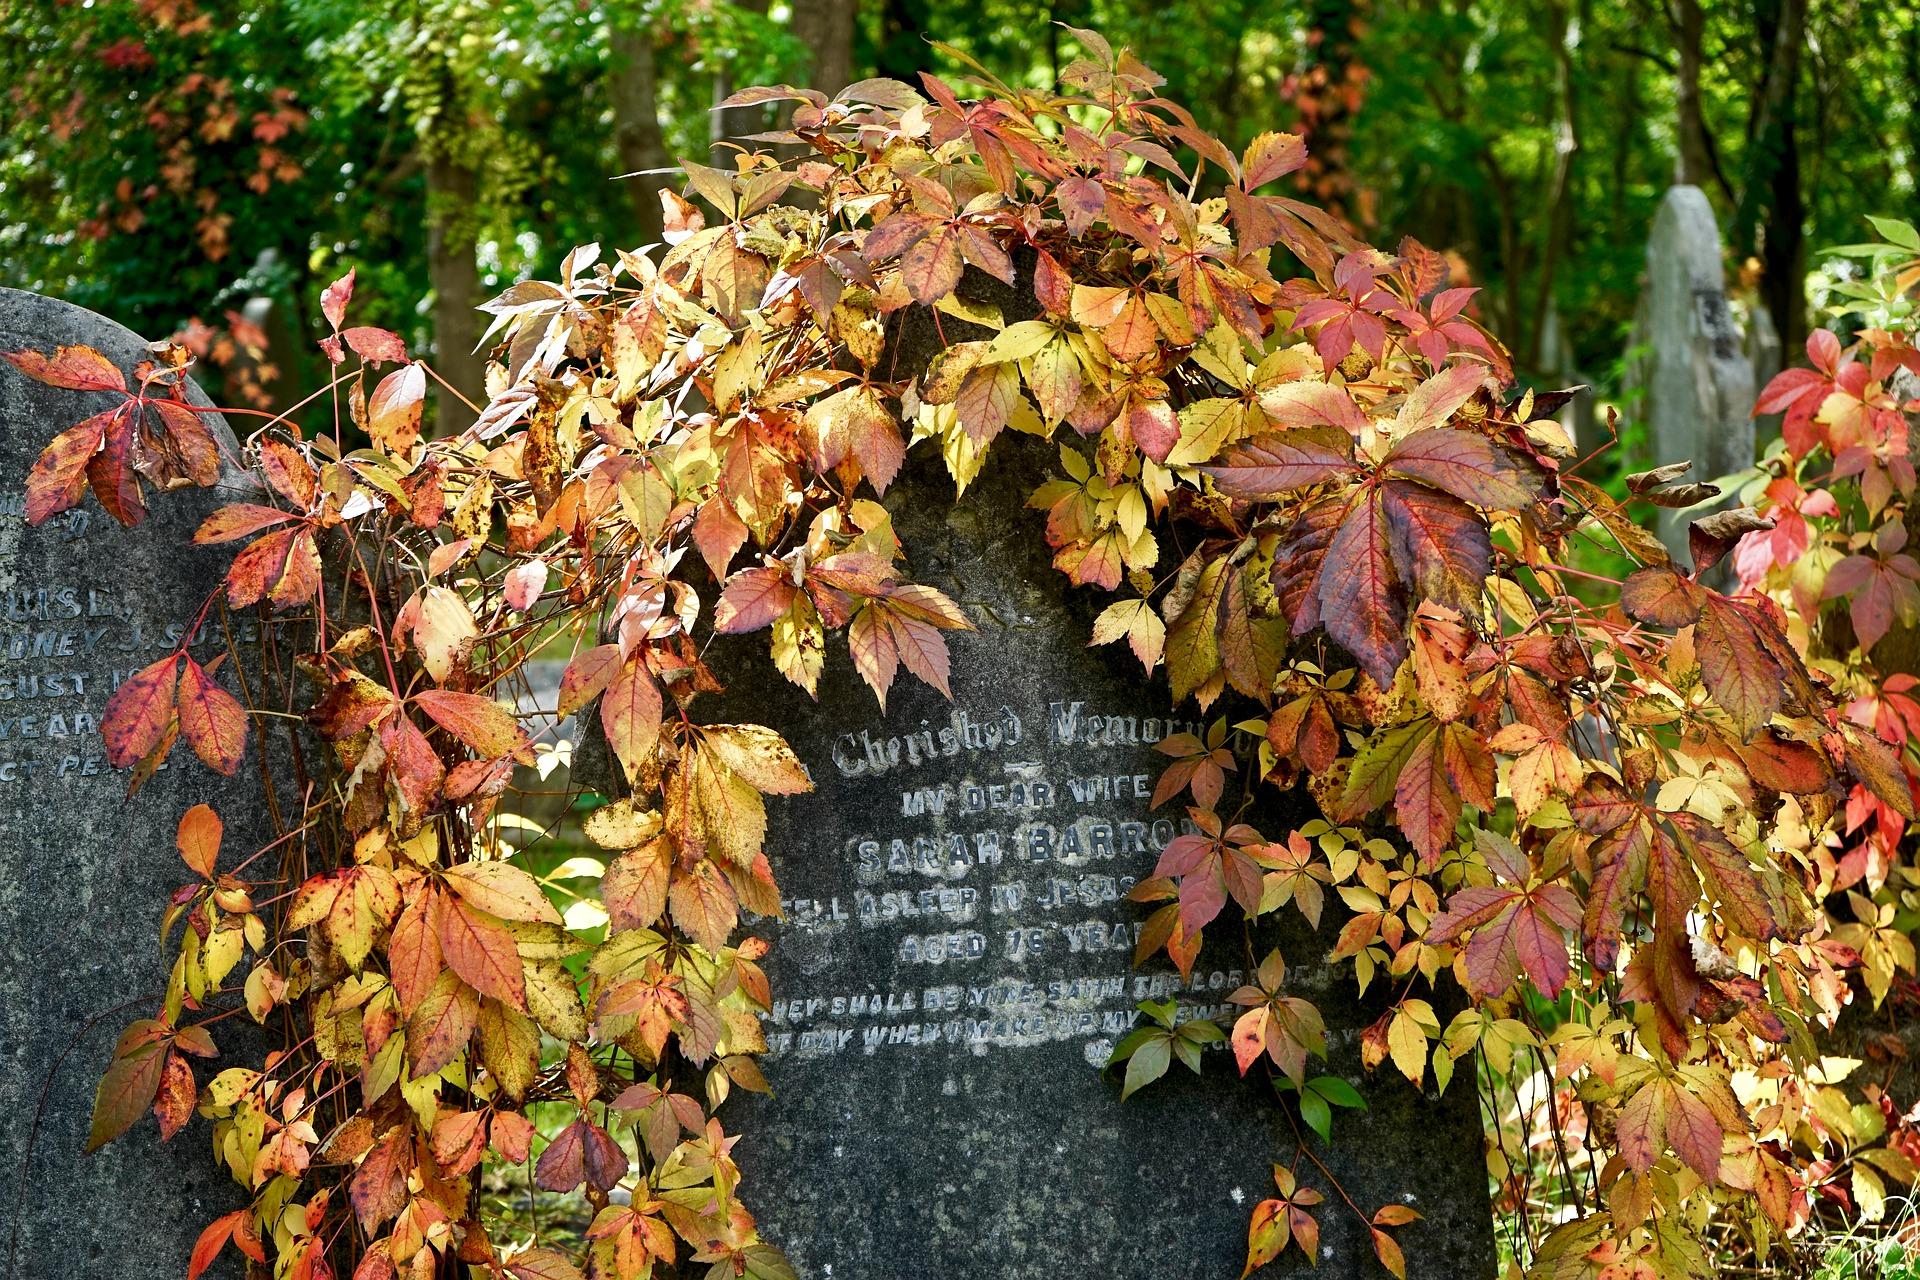 Inhumation enterrement